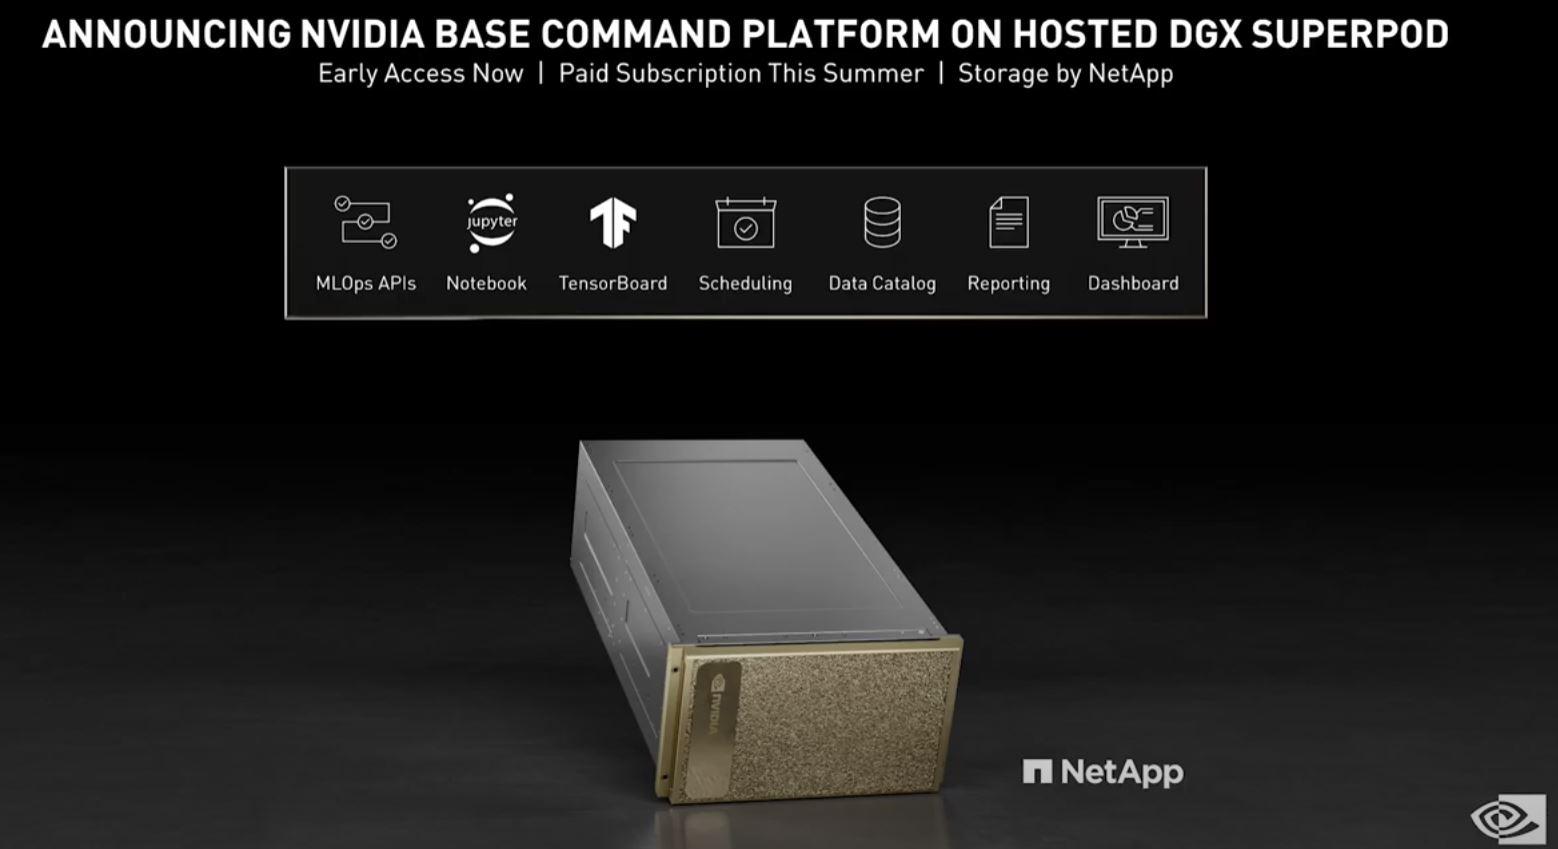 NVIDIA Computex 2021 NVIDIA DGX Superpod Rental